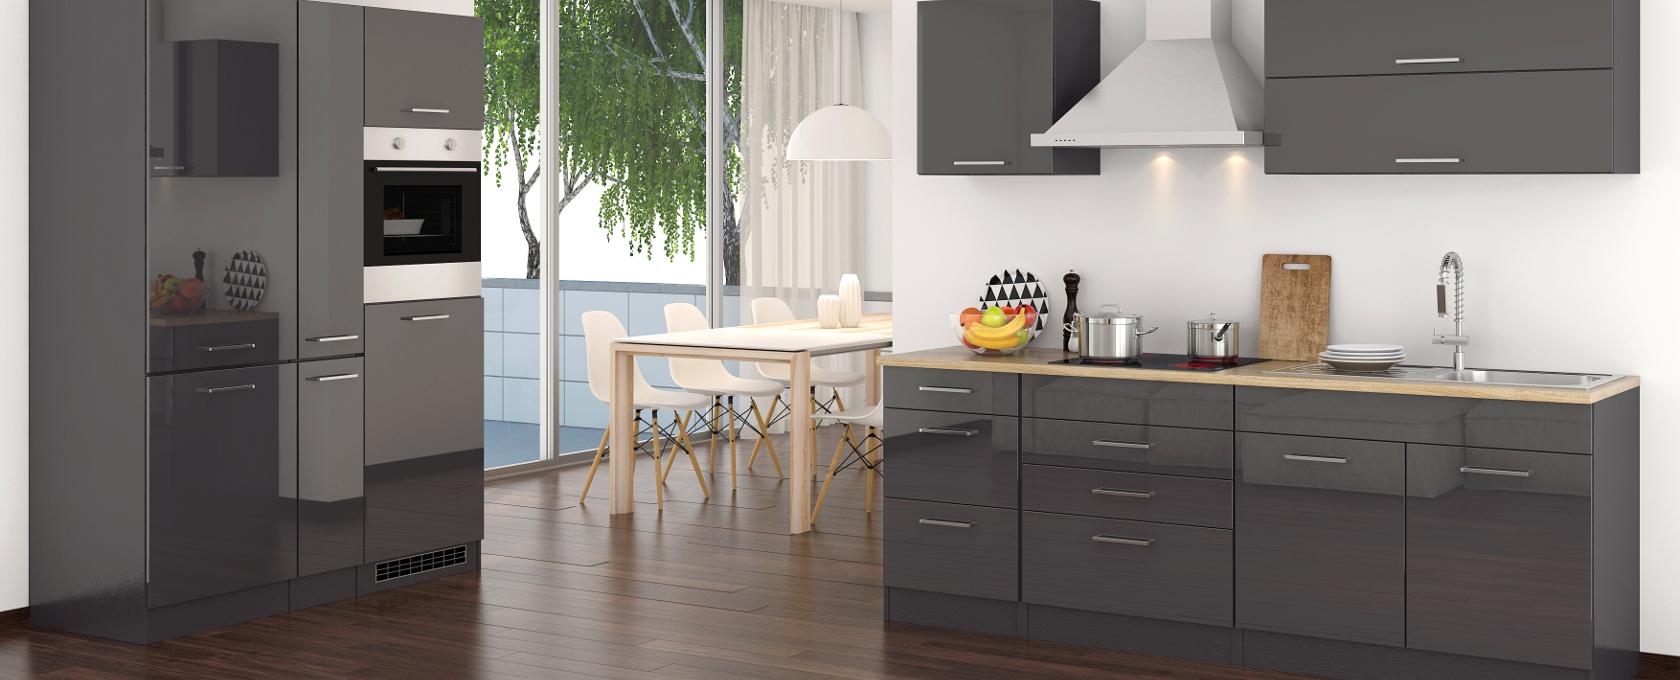 Funktionswunder Küche vereint Stauraum, Arbeitsfläche und Ergonomie